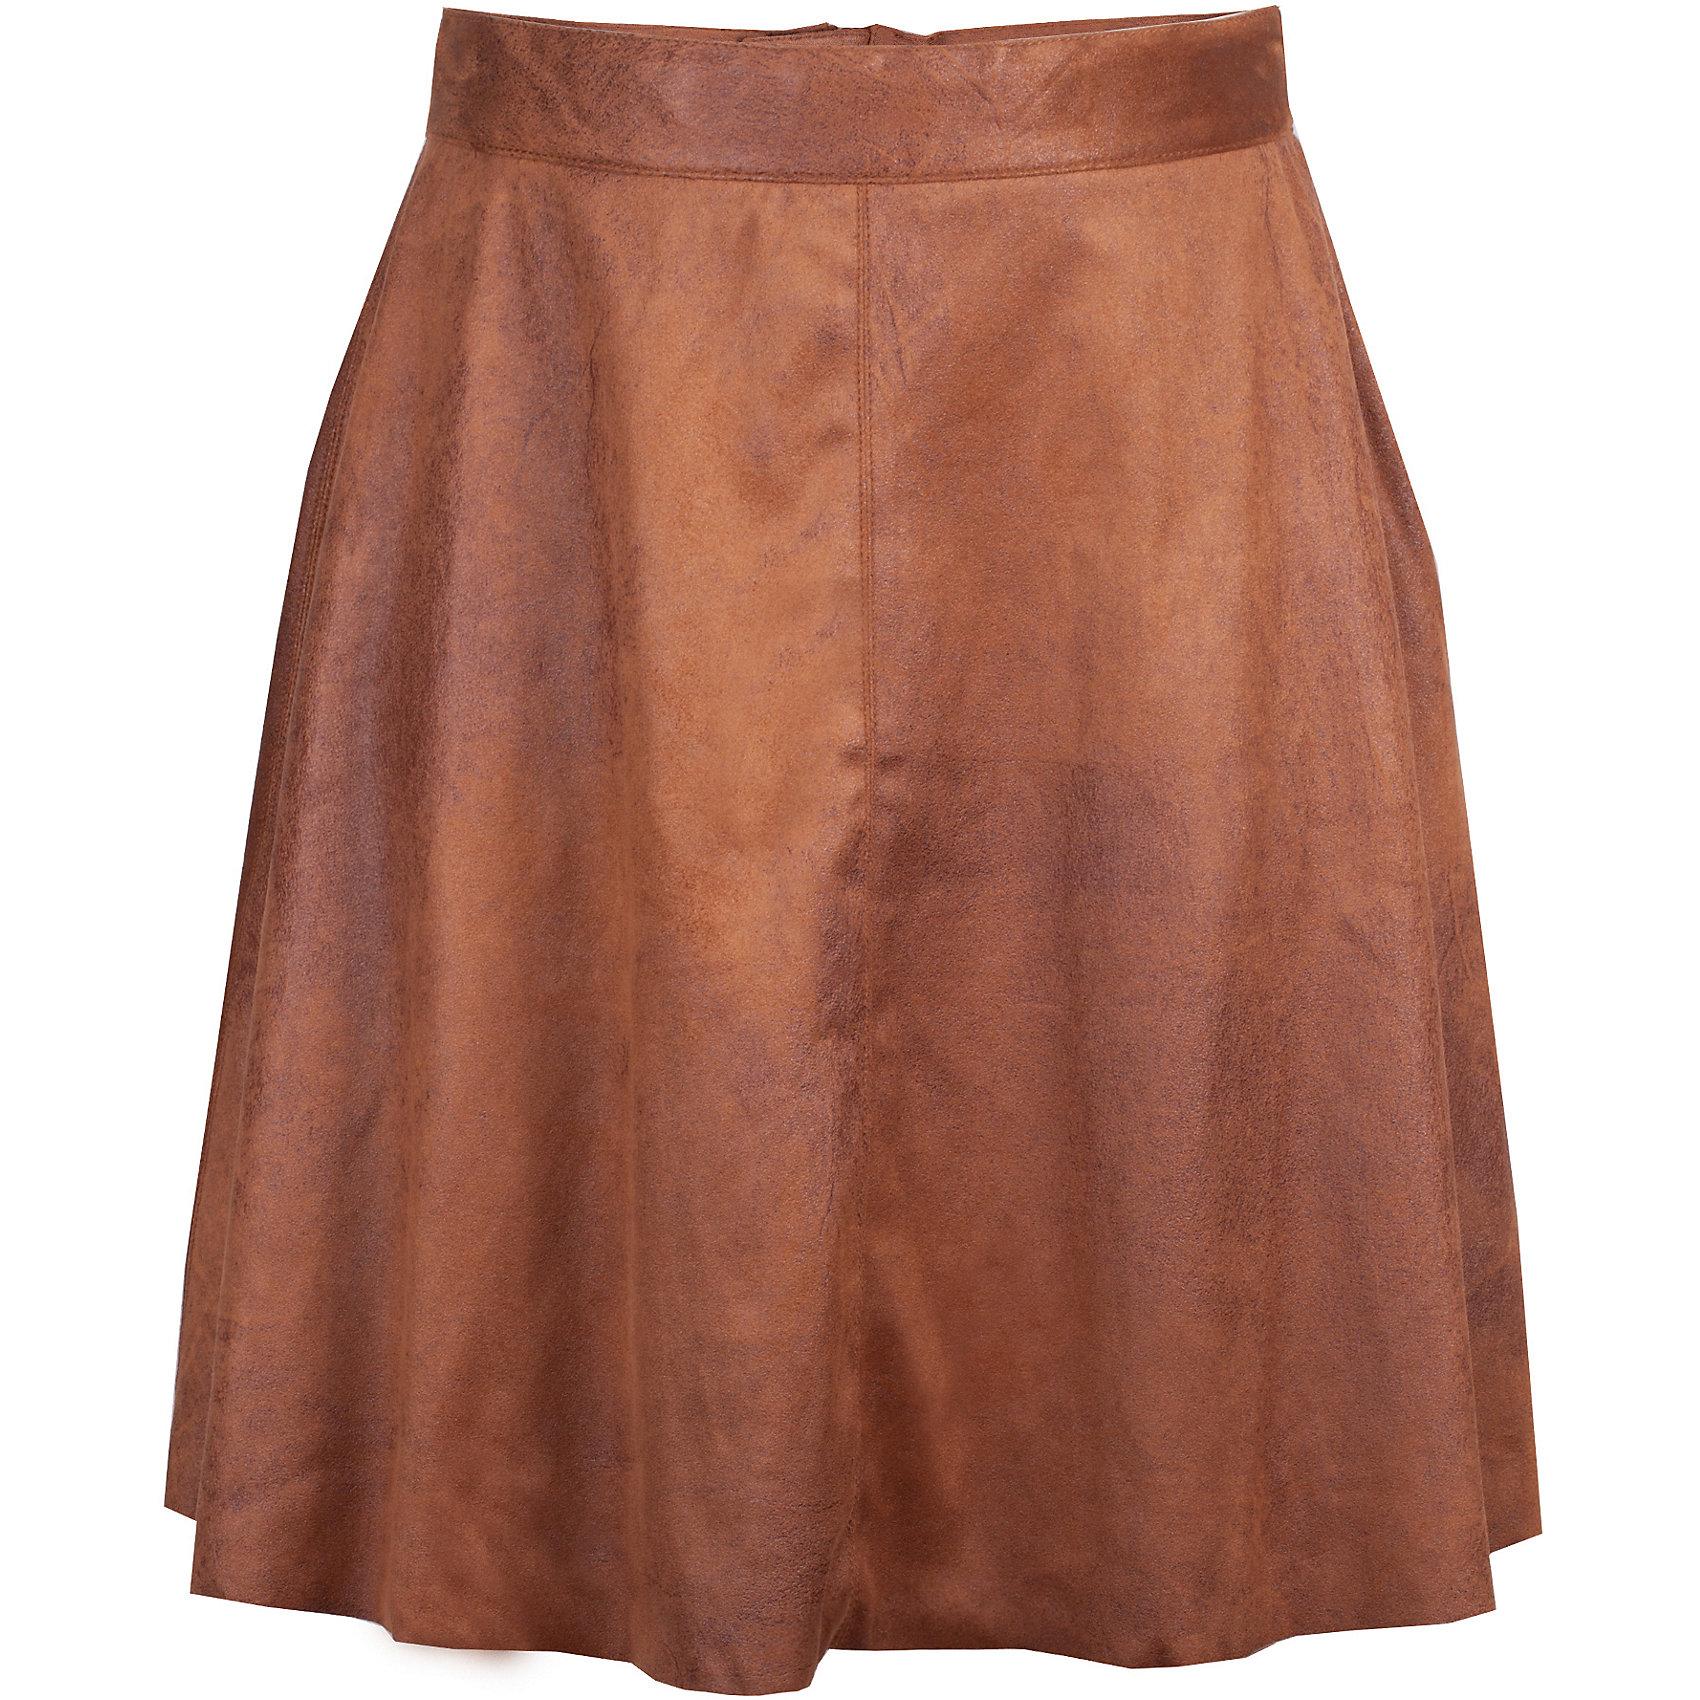 Юбка Gulliver для девочкиЮбки<br>Юбка Gulliver для девочки<br>Облегающие трикотажные брюки для девочки - изделие из разряда must have! Их секрет - в многофункциональности и удобстве. Они могут выглядеть как плотные колготки, красиво дополняя платье или свитшот; они могут быть леггинсами, прекрасно завершая look со свитером или удлиненной футболкой; они могут смотреться строгими облегающими брюками с блузкой или рубашкой, подчеркивая хрупкость и грациозность своей обладательницы. Если вы хотите приобрести стильную, практичную, комфортную вещь, которая не будет пылиться в шкафу, а станет базовой моделью в формировании повседневного образа, вам стоит купить синие брюки для девочки от Gulliver. В них ей гарантирован комфорт, свобода движений и возможность быть самой собой.<br>Состав:<br>65% вискоза            30% нейлон         5% эластан<br><br>Ширина мм: 207<br>Глубина мм: 10<br>Высота мм: 189<br>Вес г: 183<br>Цвет: оранжевый<br>Возраст от месяцев: 156<br>Возраст до месяцев: 168<br>Пол: Женский<br>Возраст: Детский<br>Размер: 164,146,152,158<br>SKU: 7077181